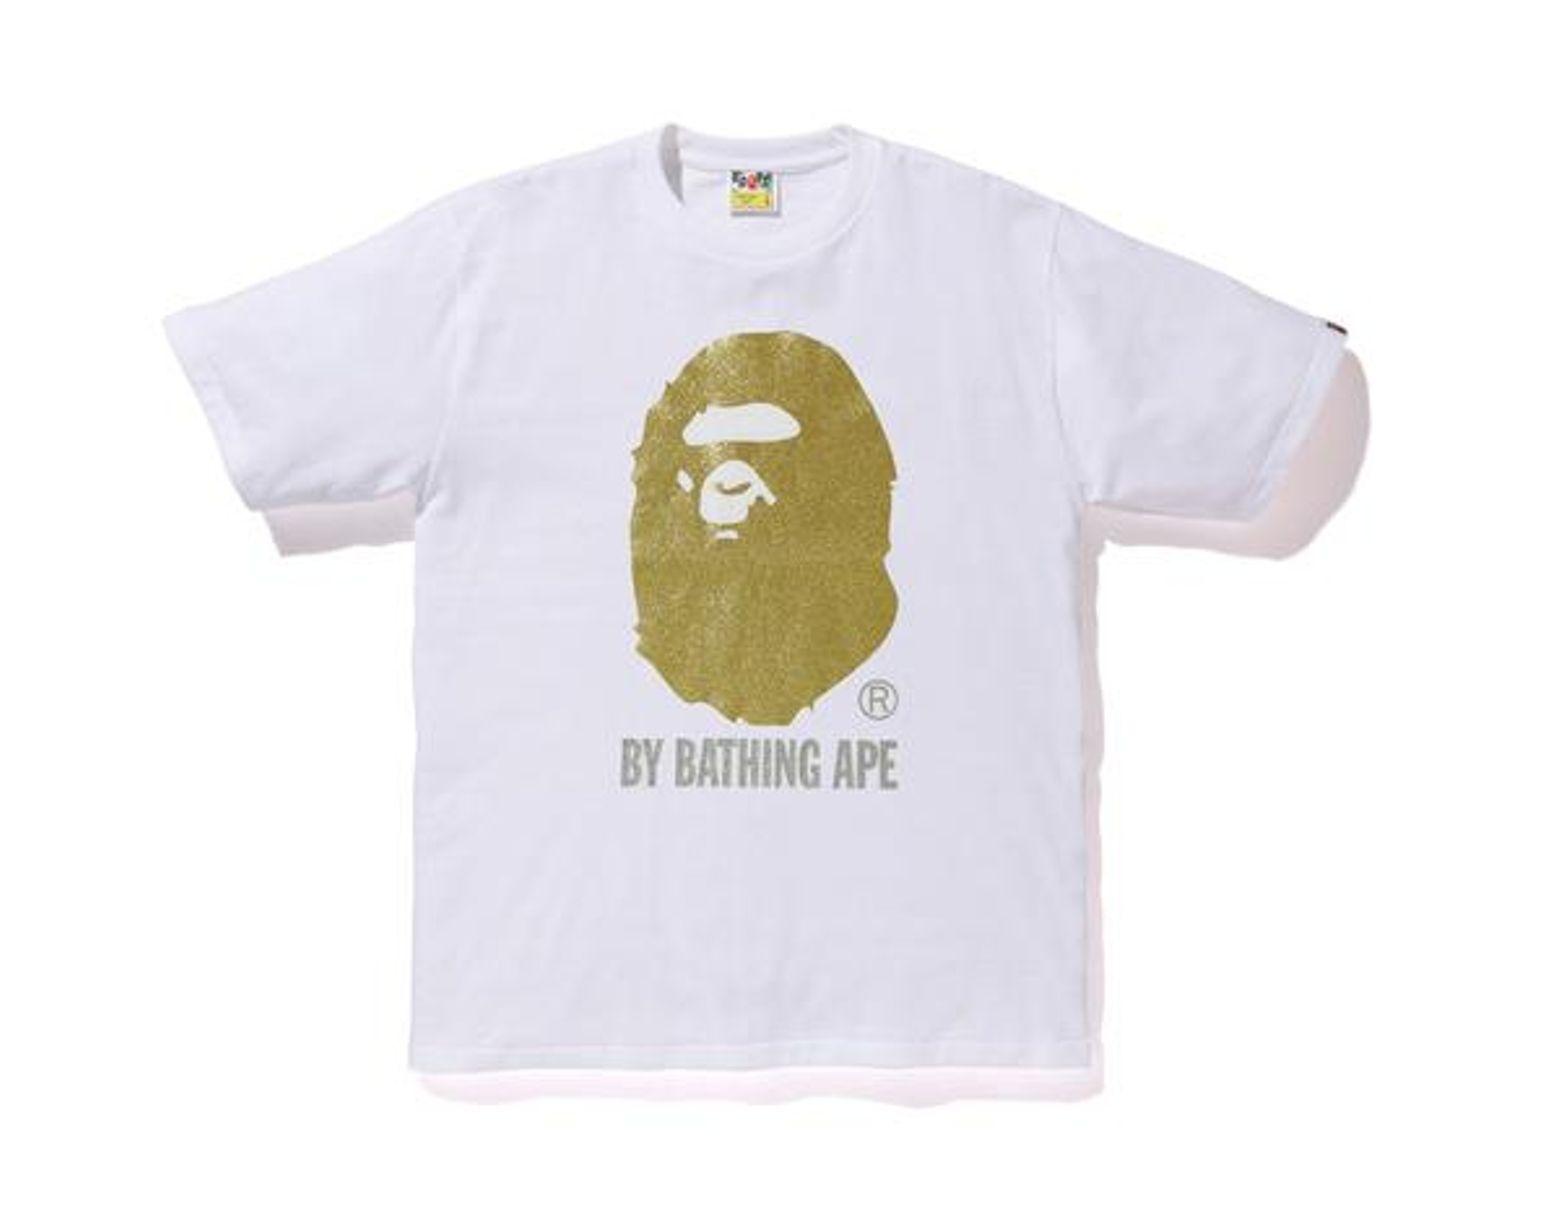 e8e8bce4f A Bathing Ape Glitter By Bathing Tee White/gold in White for Men - Lyst